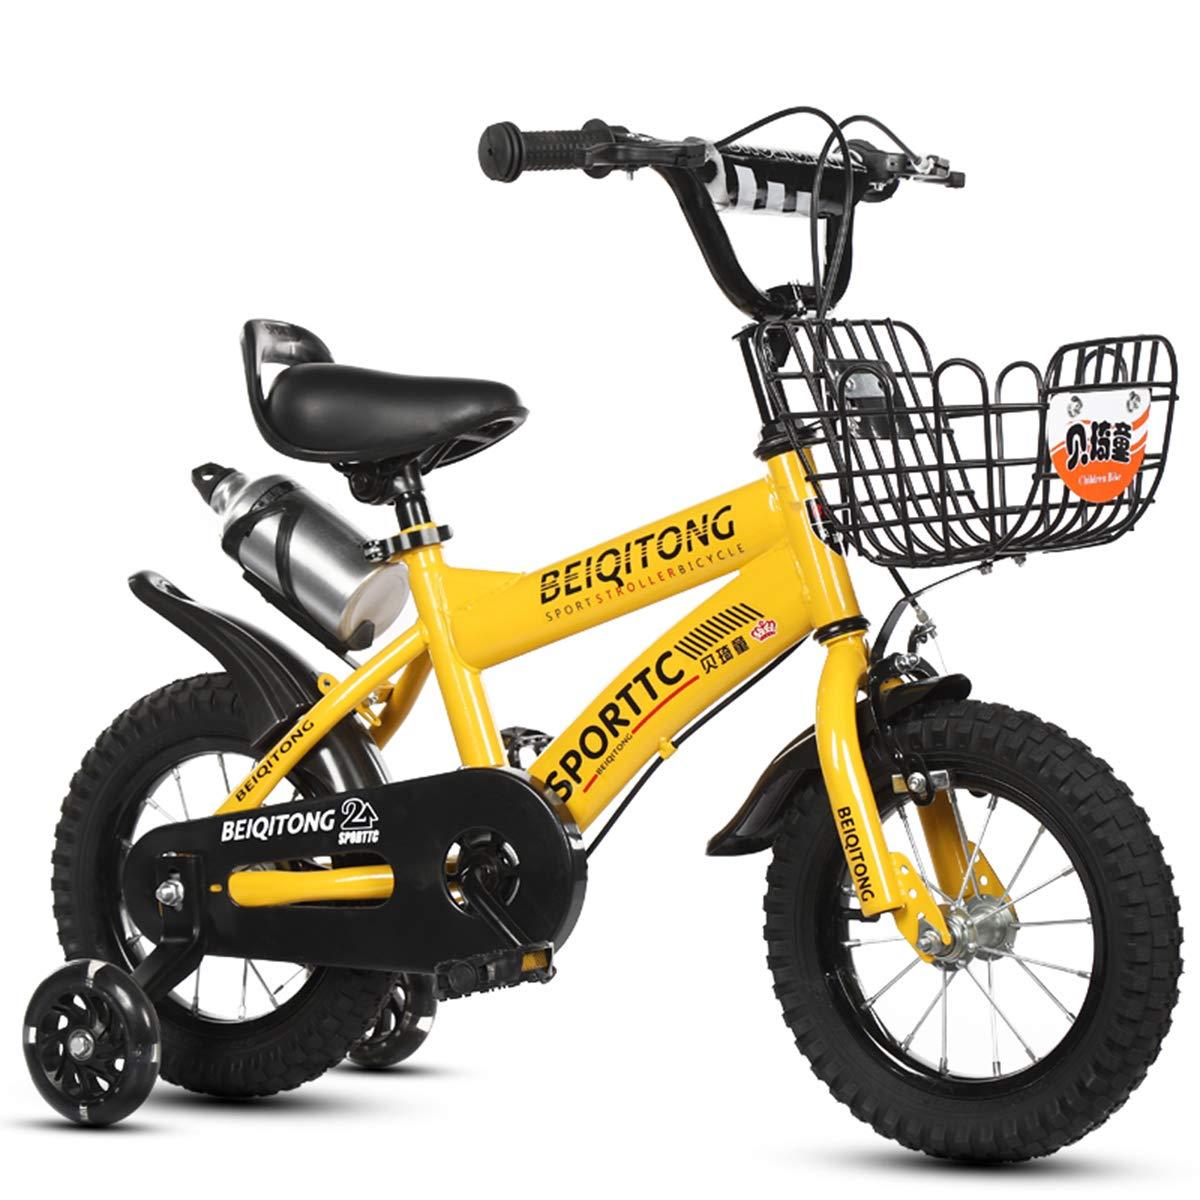 Bamarillo GRXXX Bicicletas de 6 Colors, 12 , 14 , 16 , 18  con estabilizadores, Botella de Agua y Soporte,Cblanco-12 Inches 12 inches